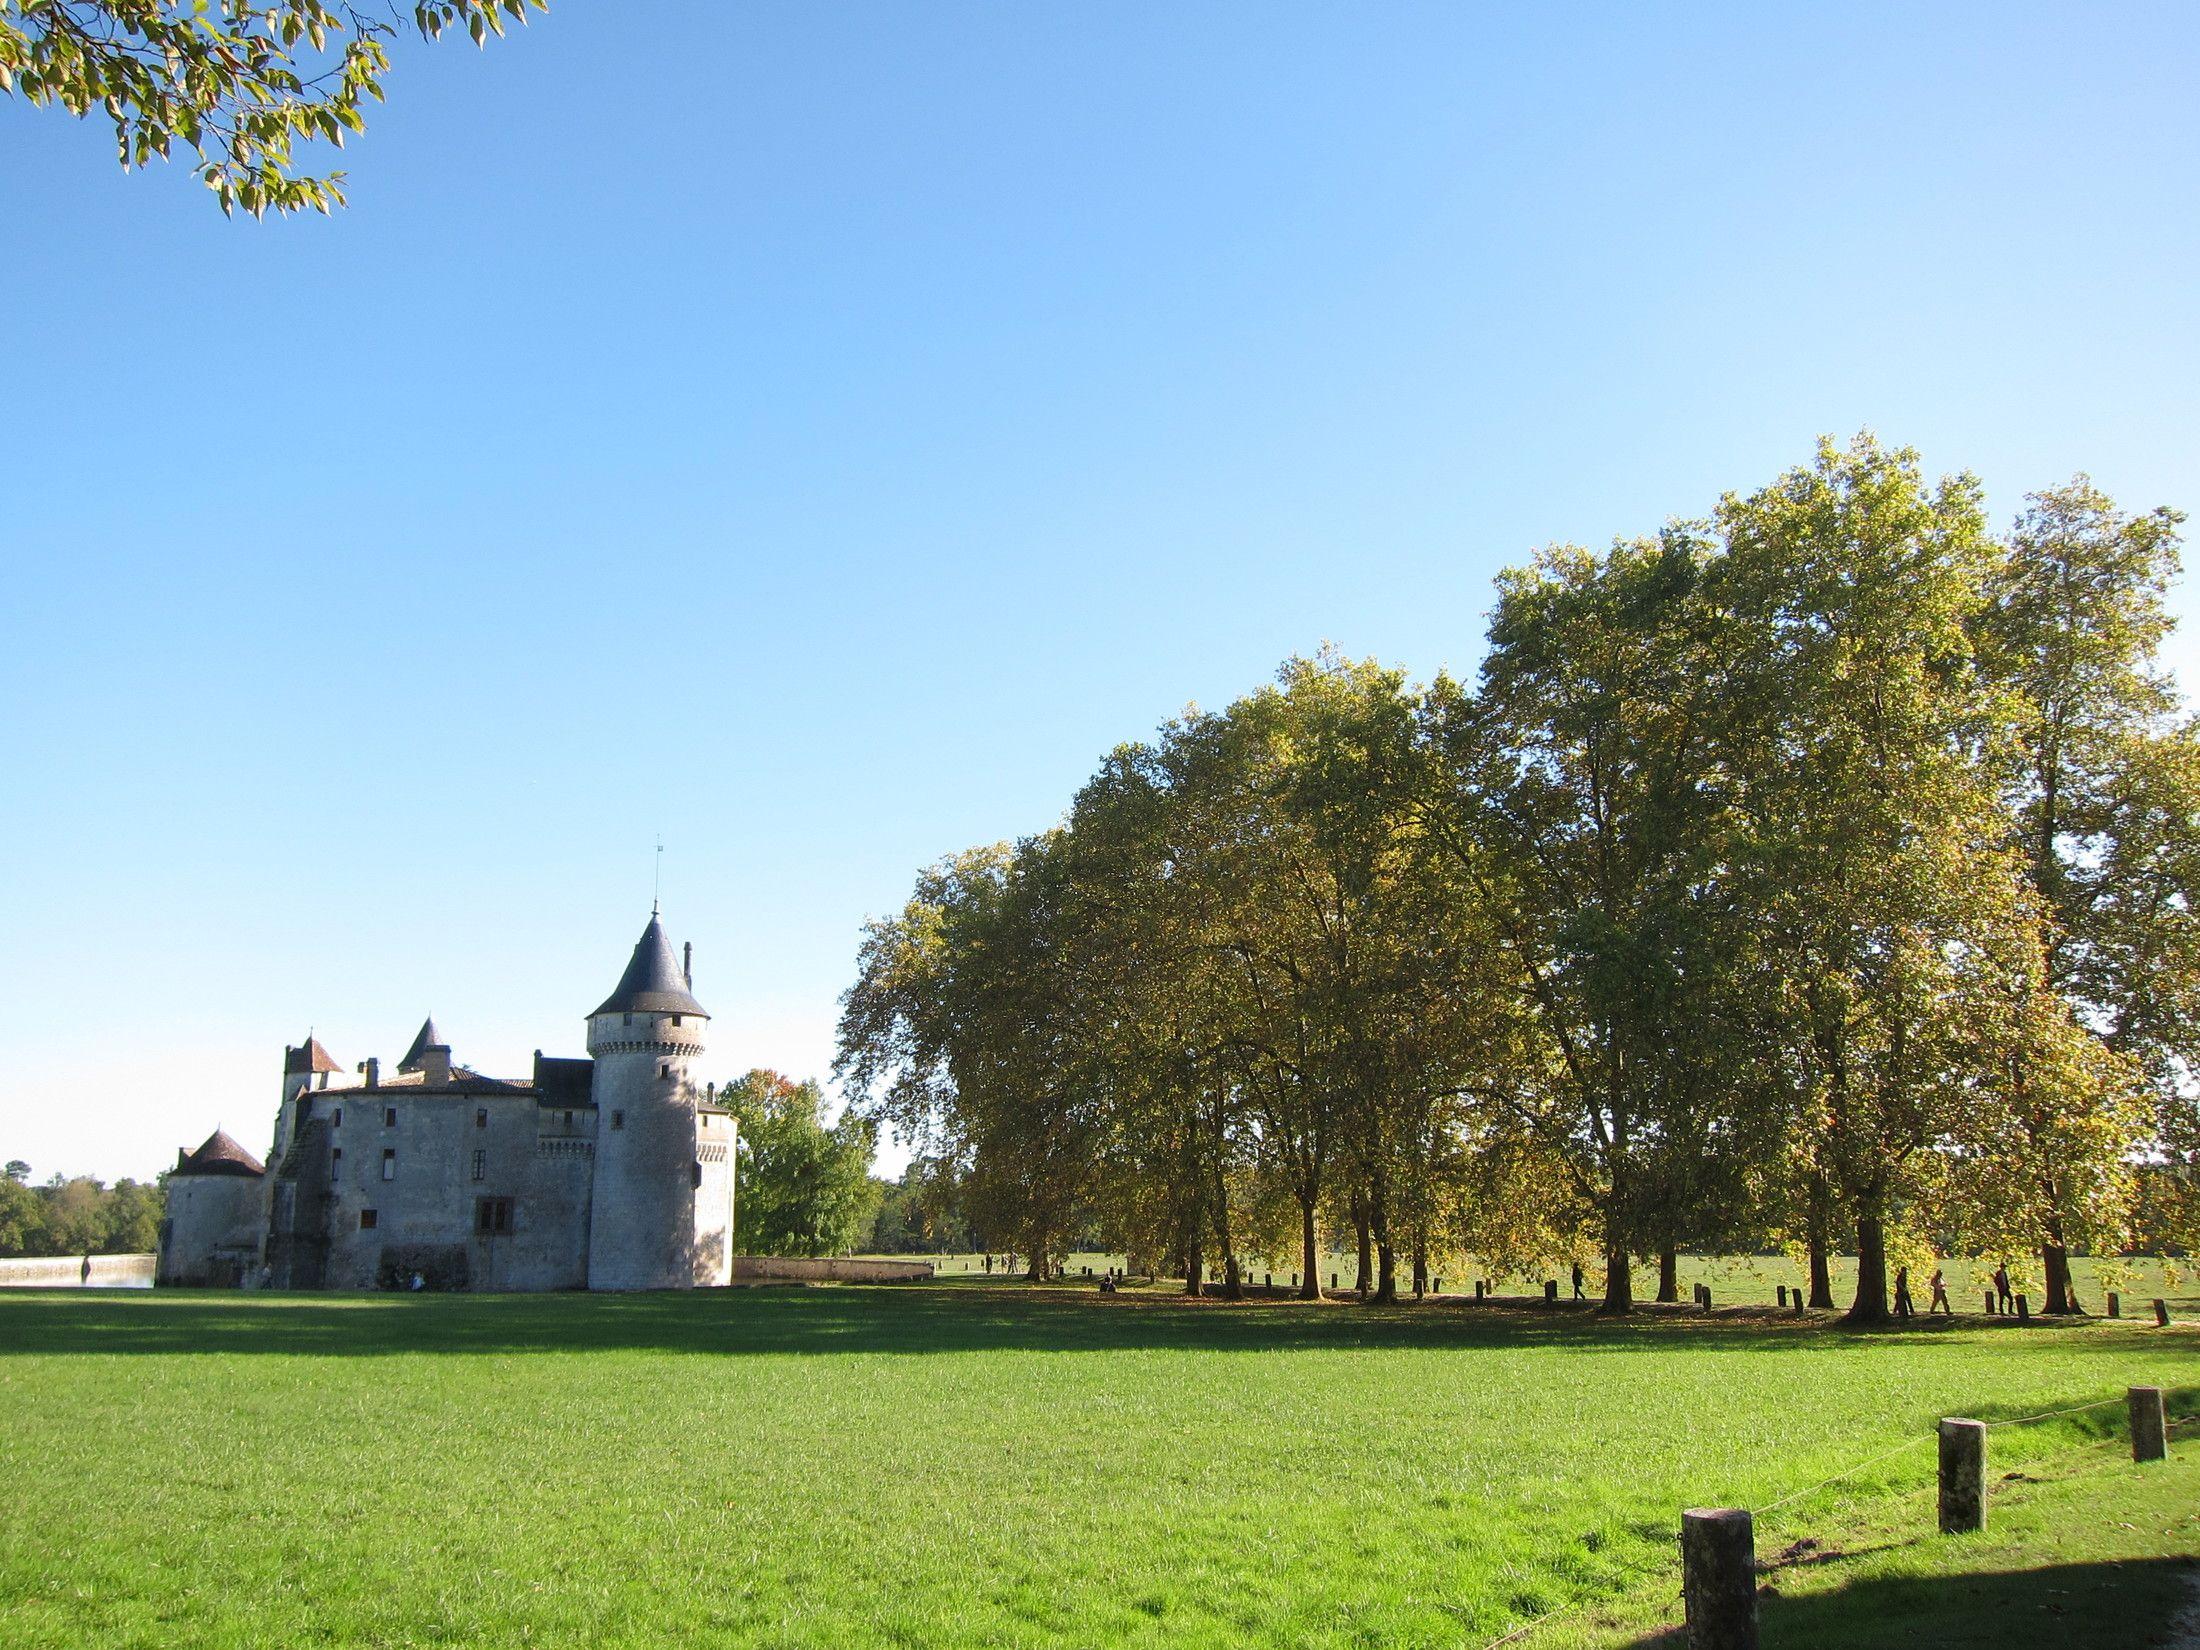 【波爾多】孟德斯鳩的城堡 Château de La Brède